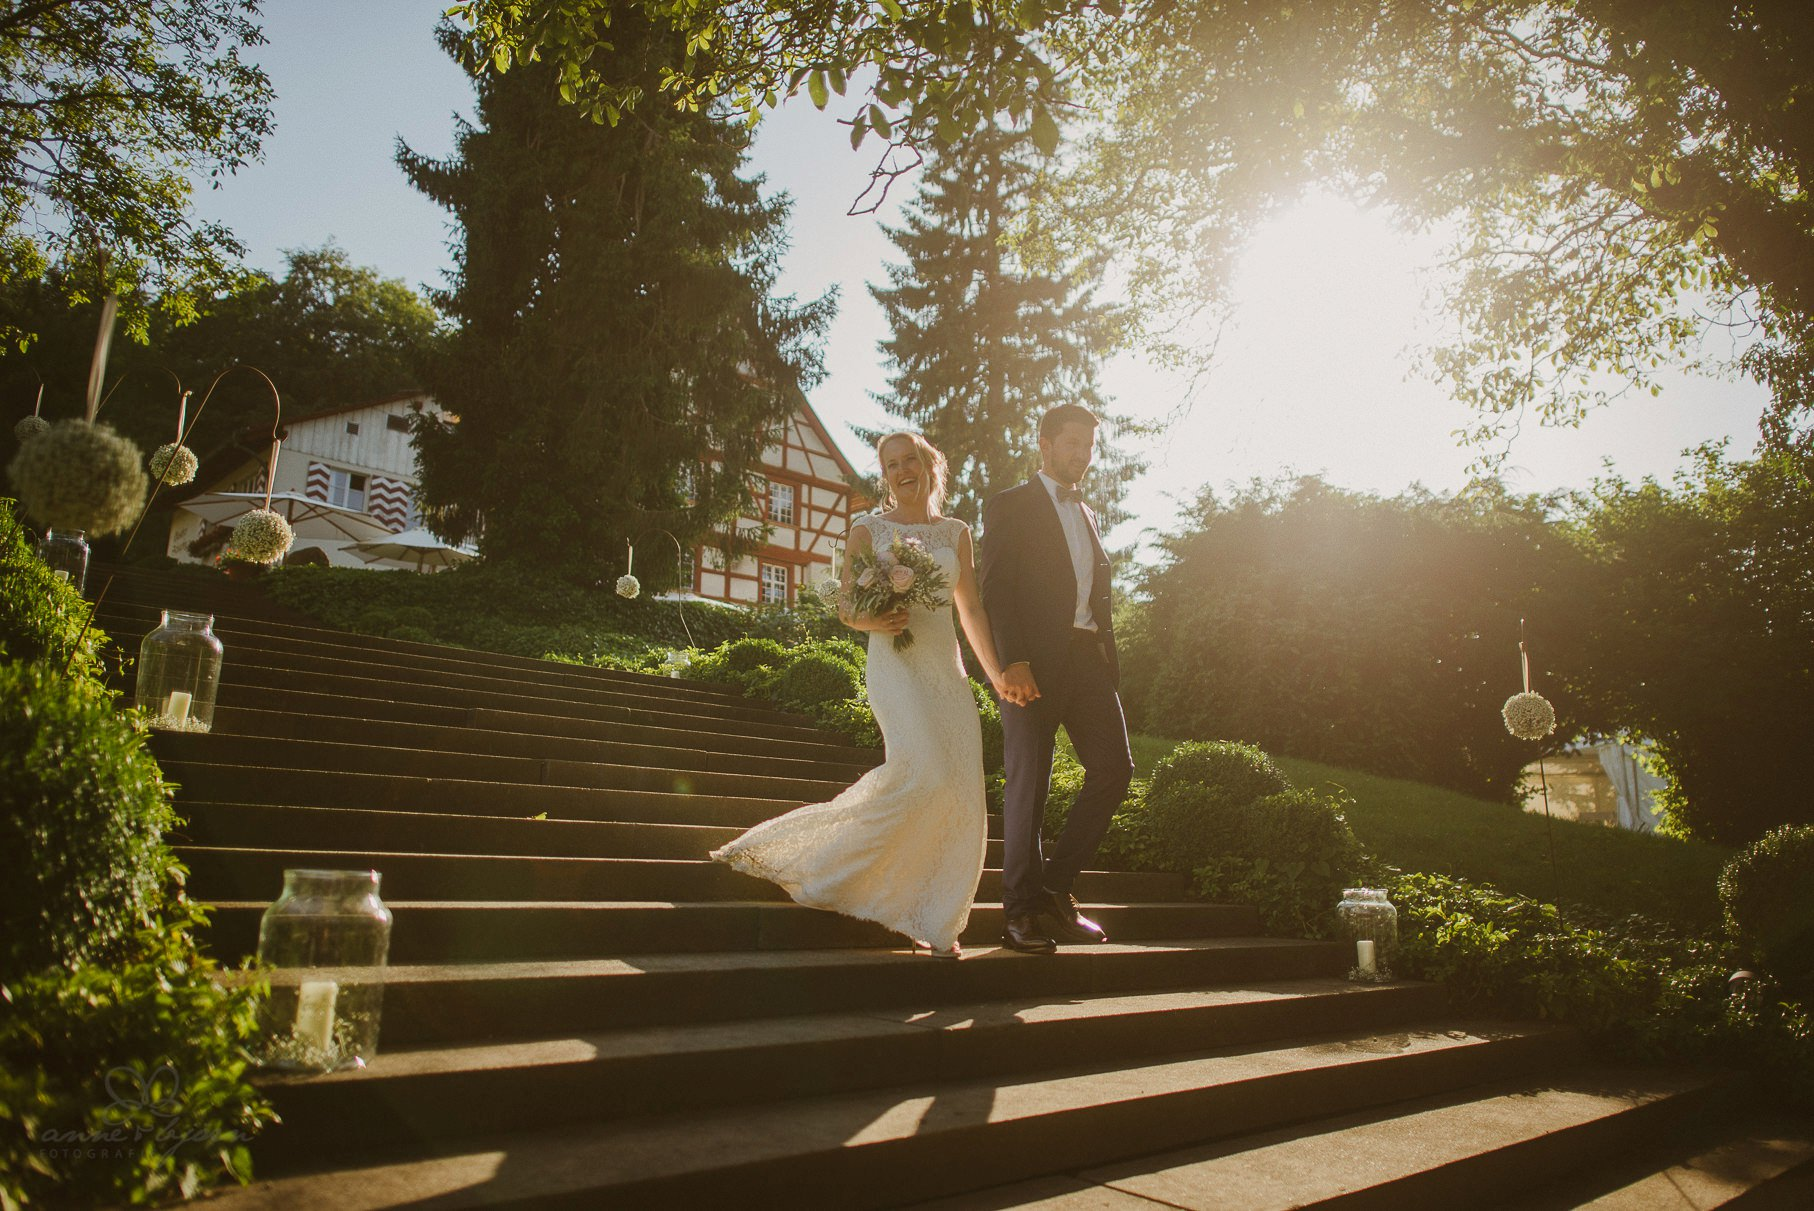 0105 anne und bjoern hochzeit schweiz d75 1598 - DIY Hochzeit in der Schweiz - Sabrina & Christoph